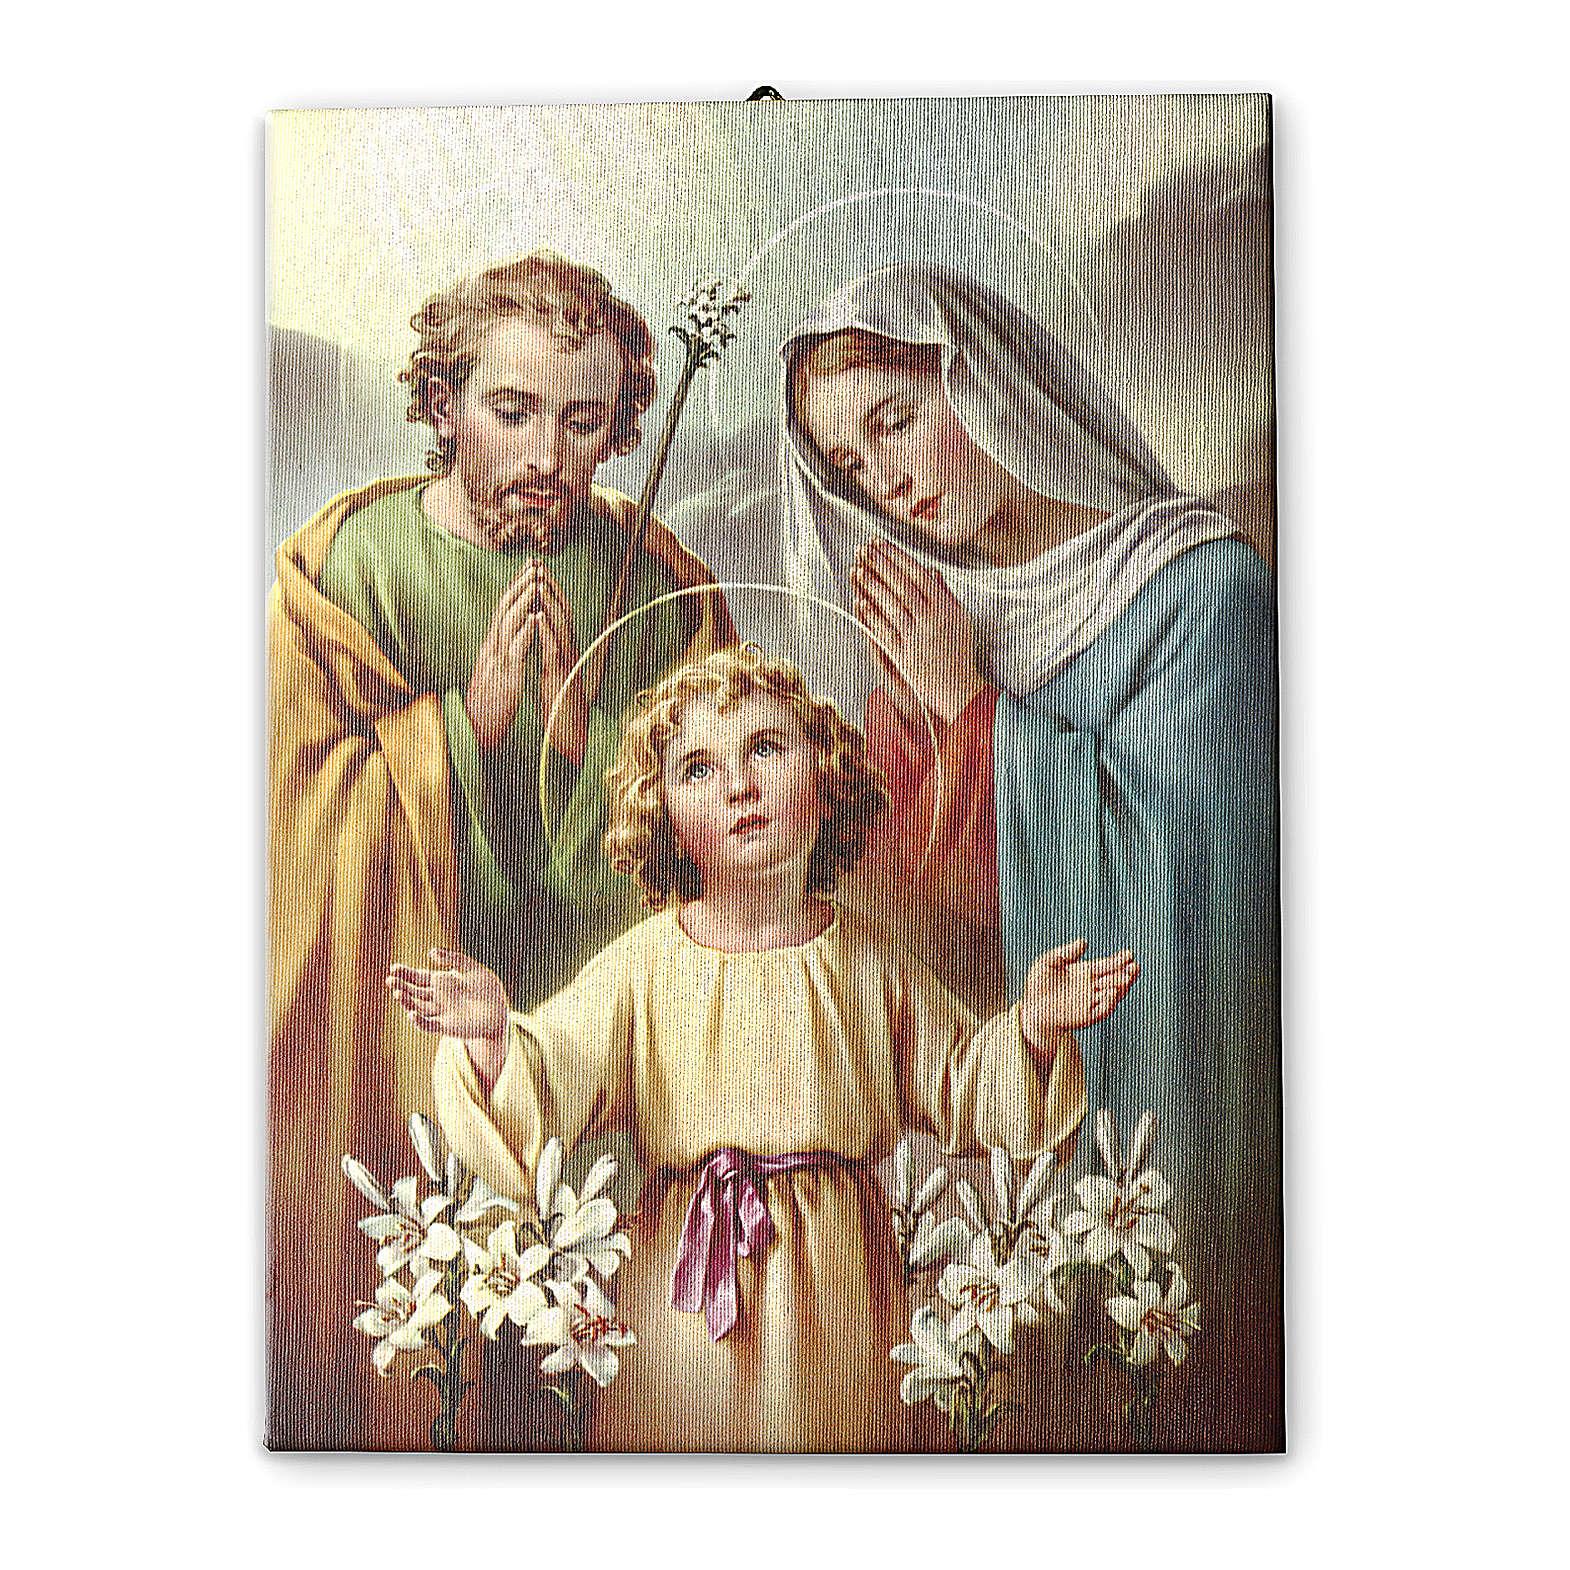 Cuadro sobre tela pictórica Sagrada Familia 40x30 cm 3